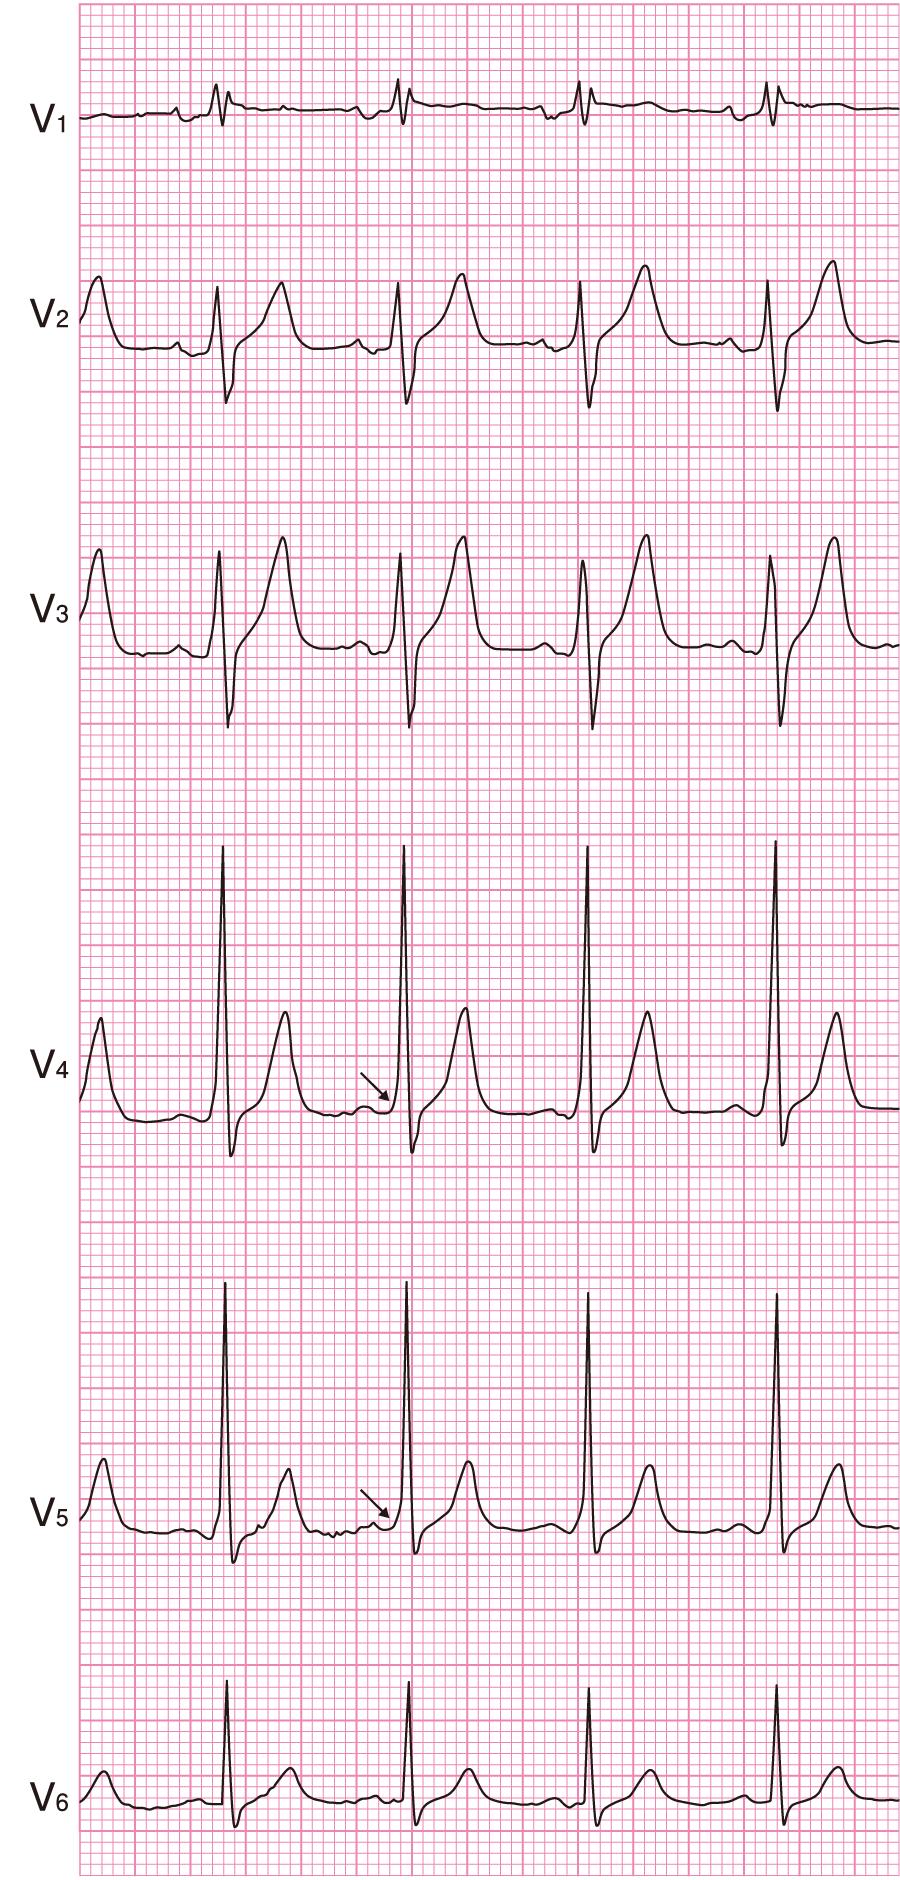 非発作時の心電図